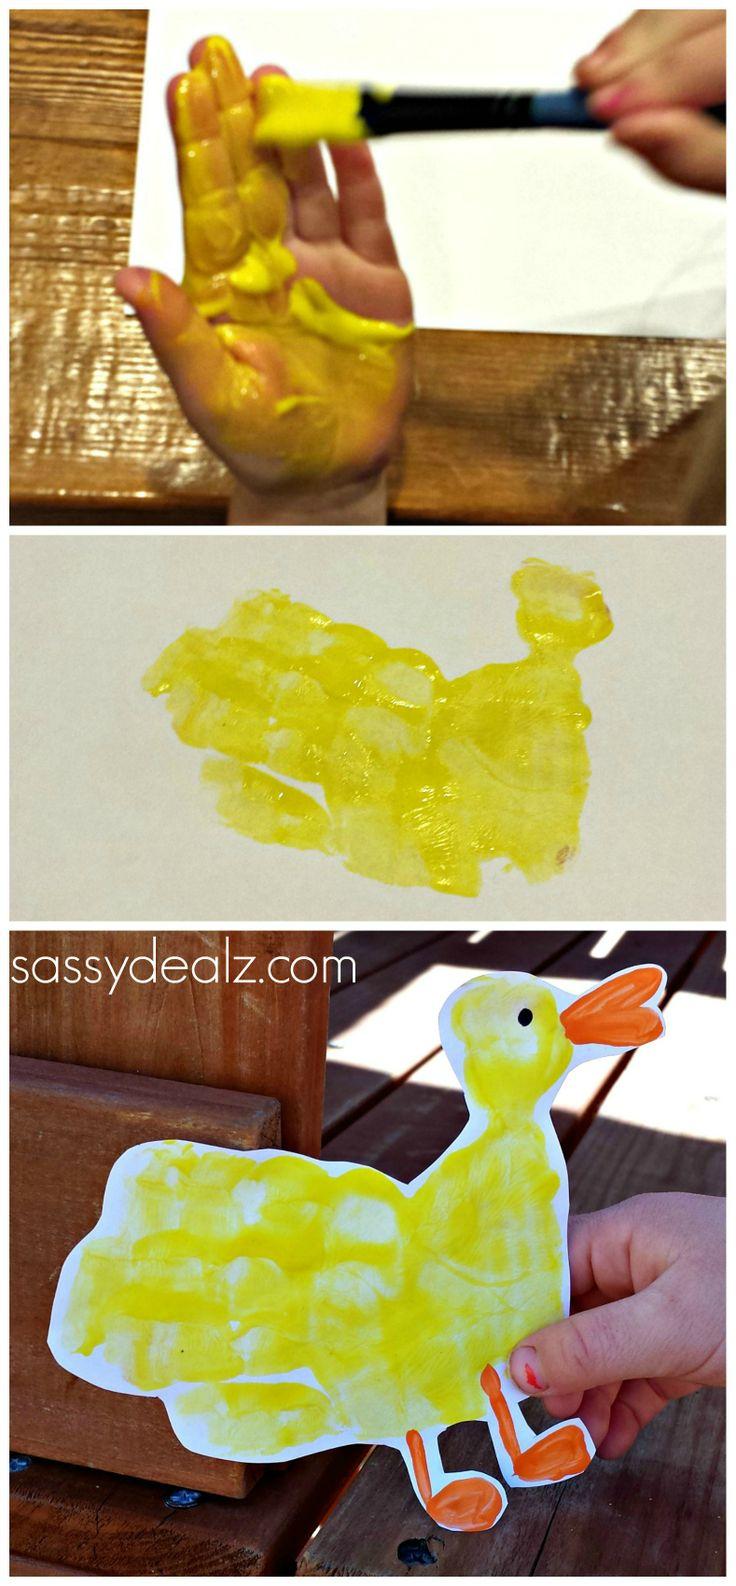 Duck Handprint Craft for Kids #DIY #Duck art project   http://www.sassydealz.com/2014/02/duck-handprint-craft-kids.html